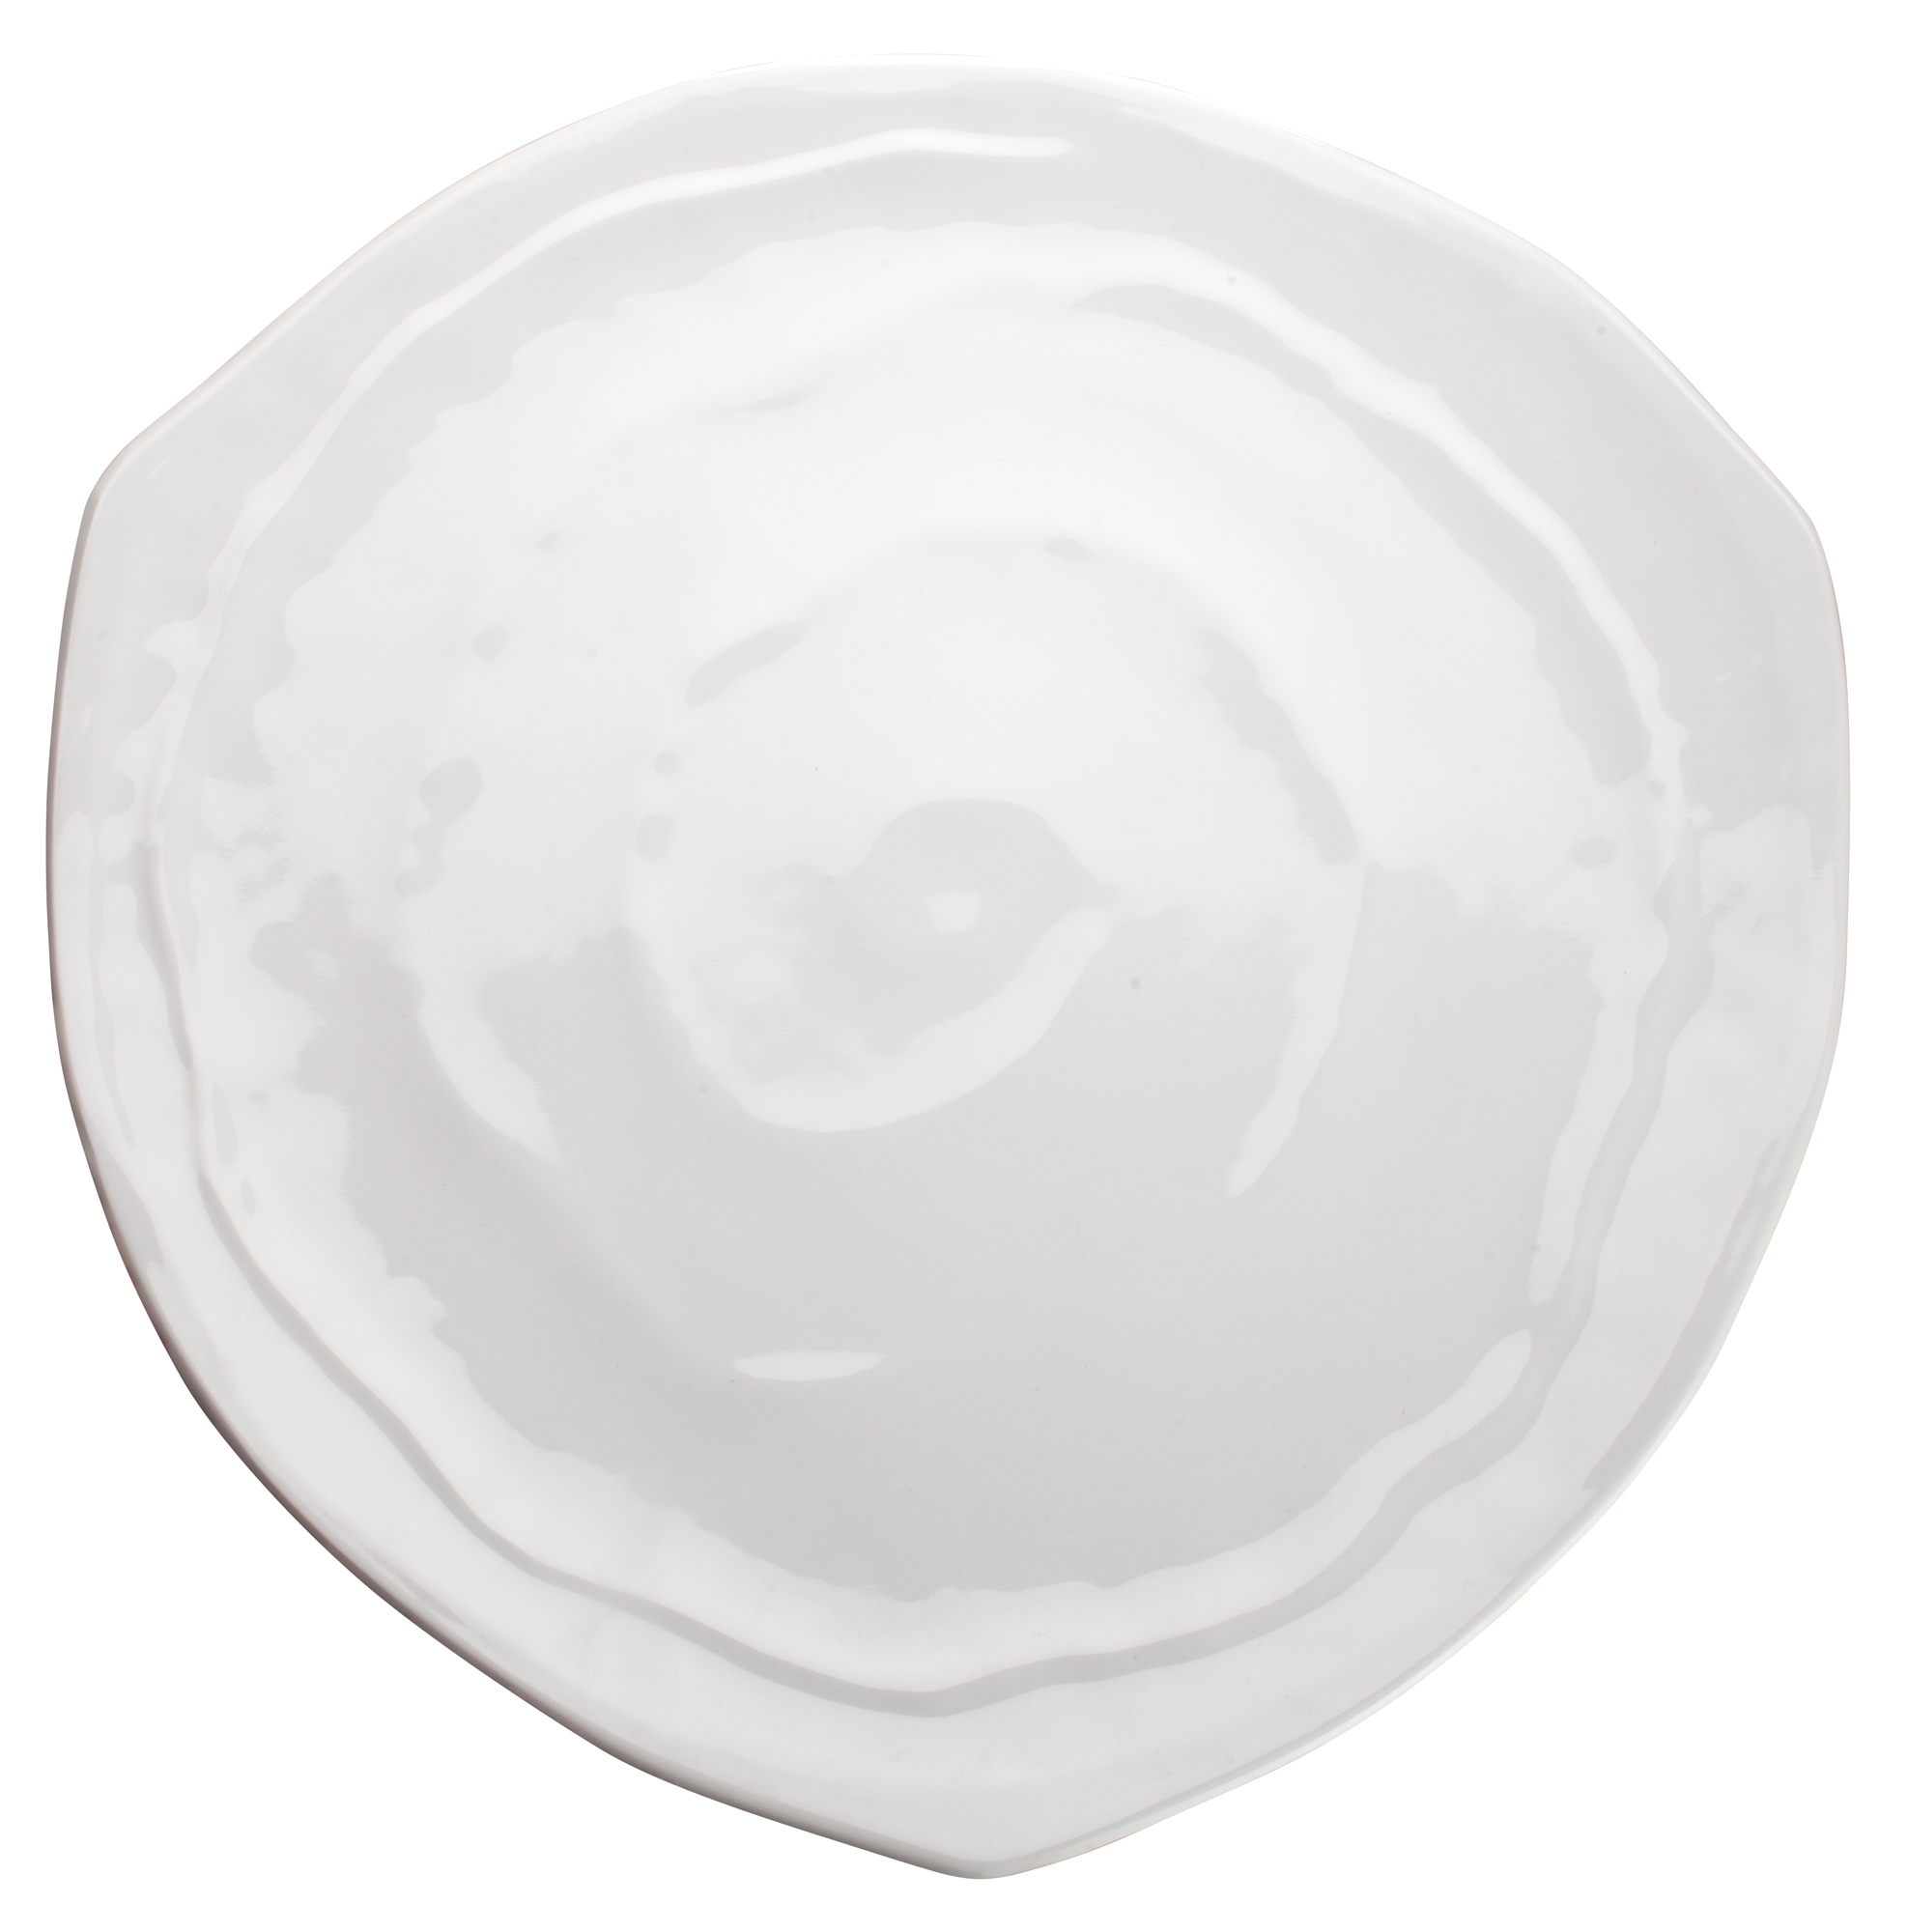 Winco WDM007-204 plate, plastic